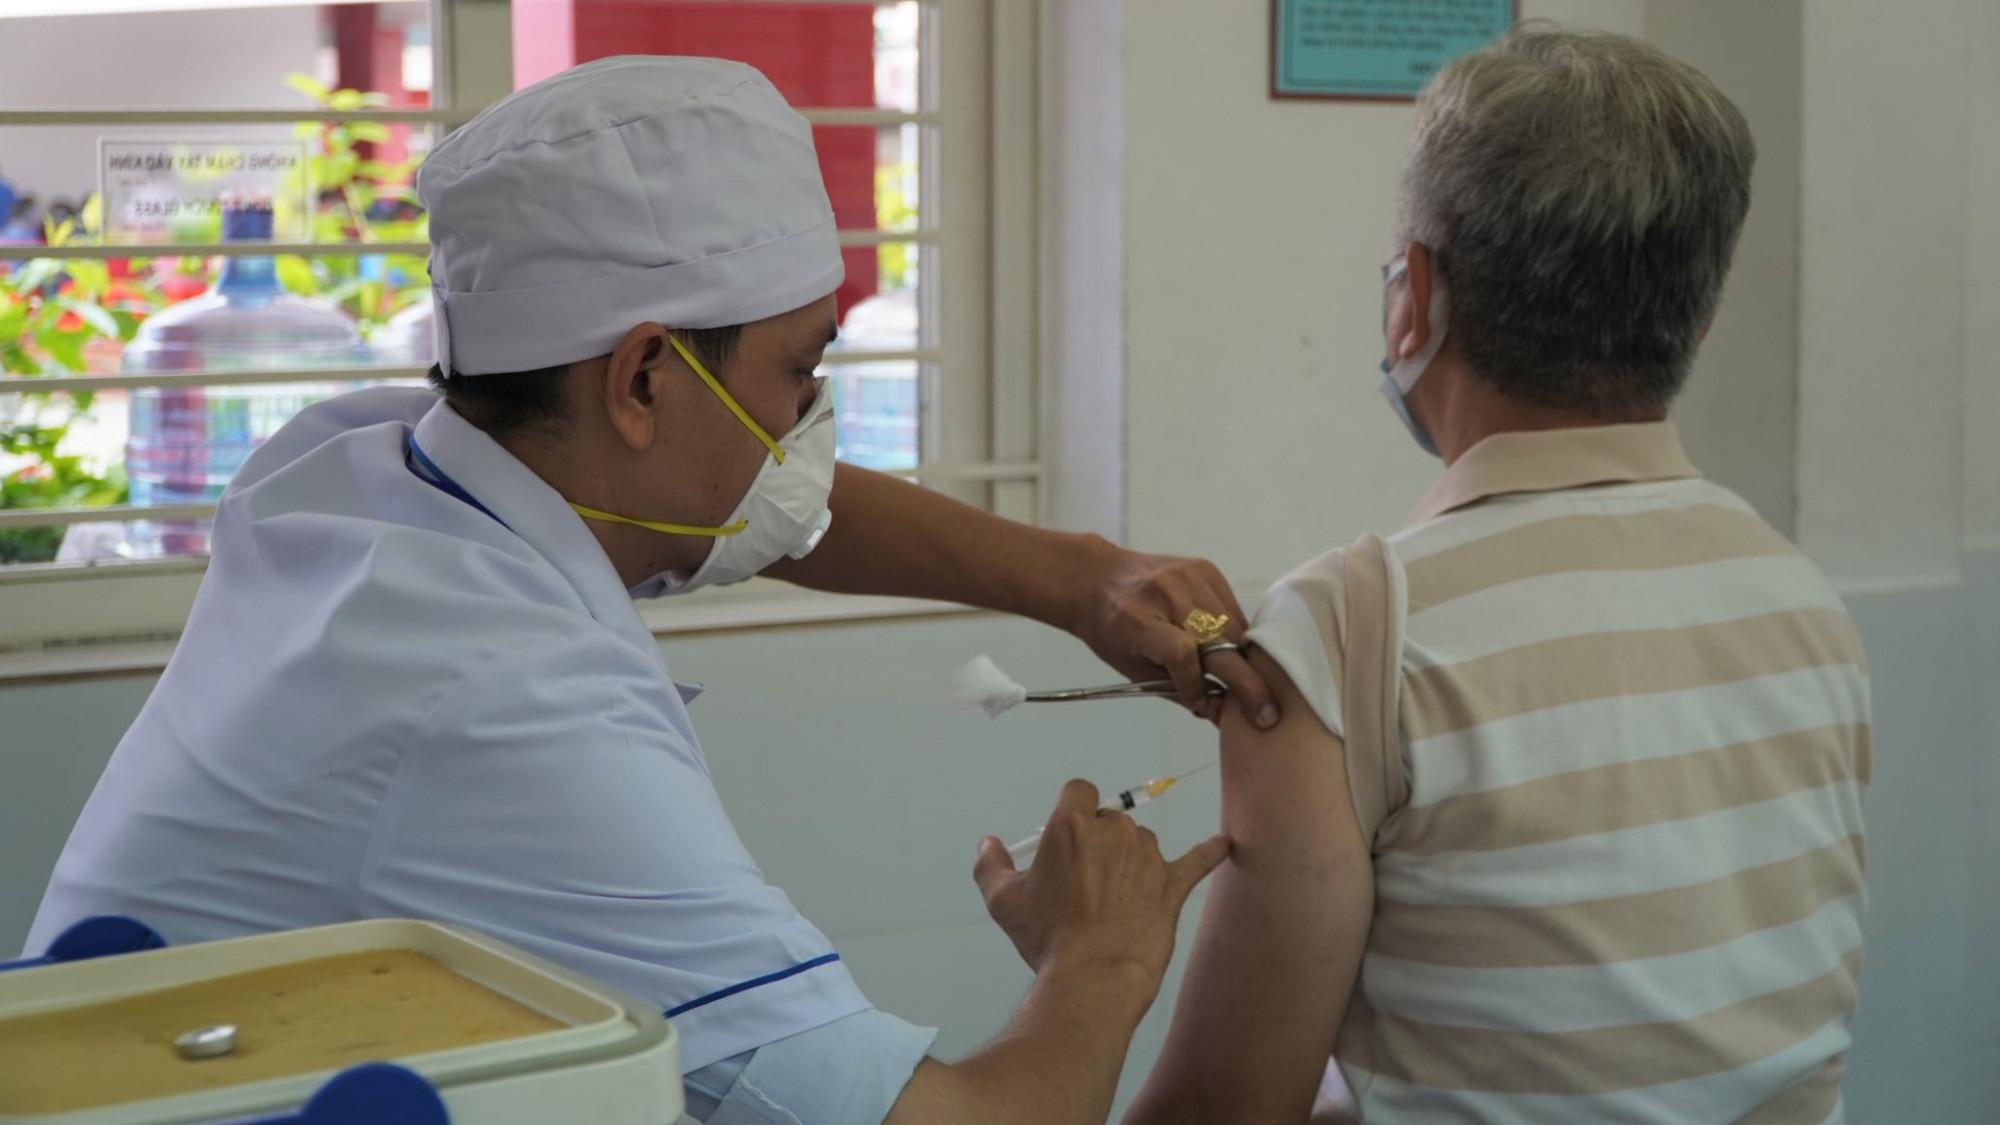 TPHCM sẽ không tiêm vắc xin phòng COVID-19 cho người trên 65 tuổi trong đợt tiêm chủng lần này.